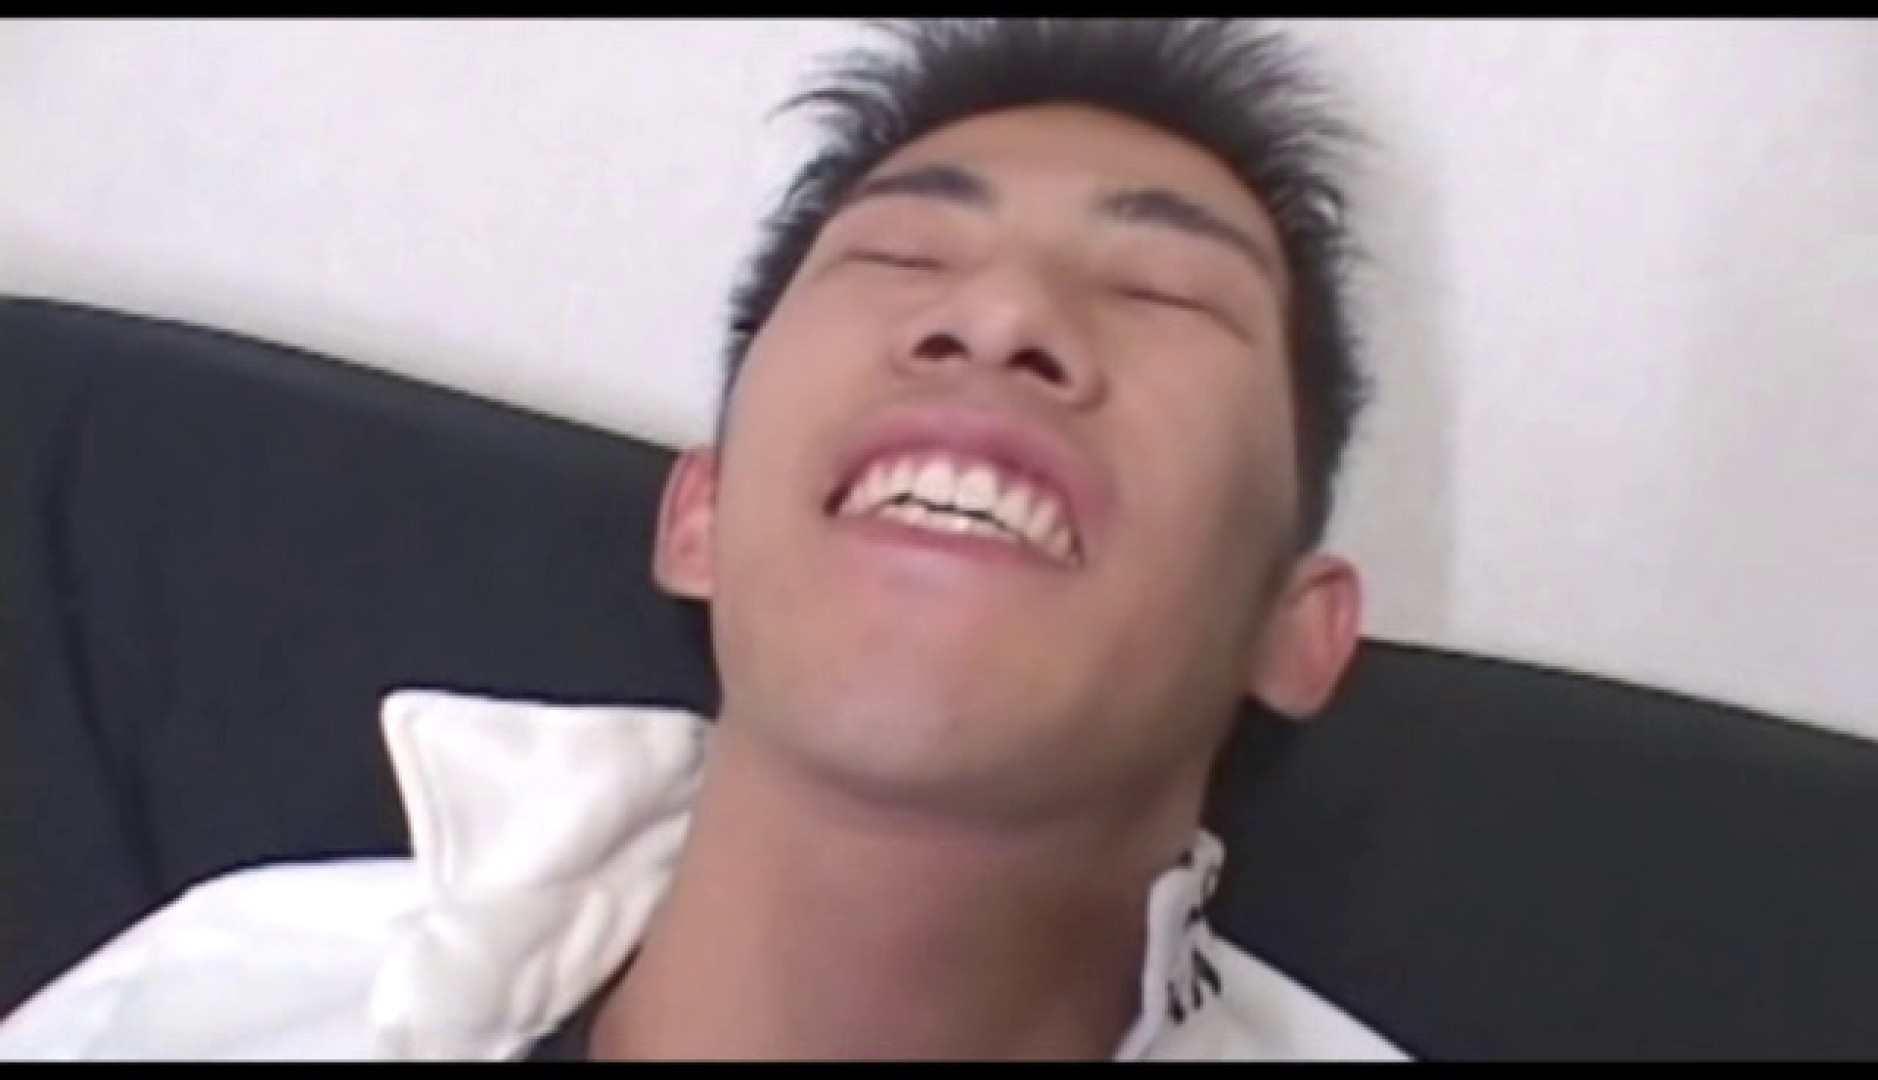 イケメンダブルス!Vol.05 フェラ最高   アナル舐め ゲイ素人エロ画像 9連発 4